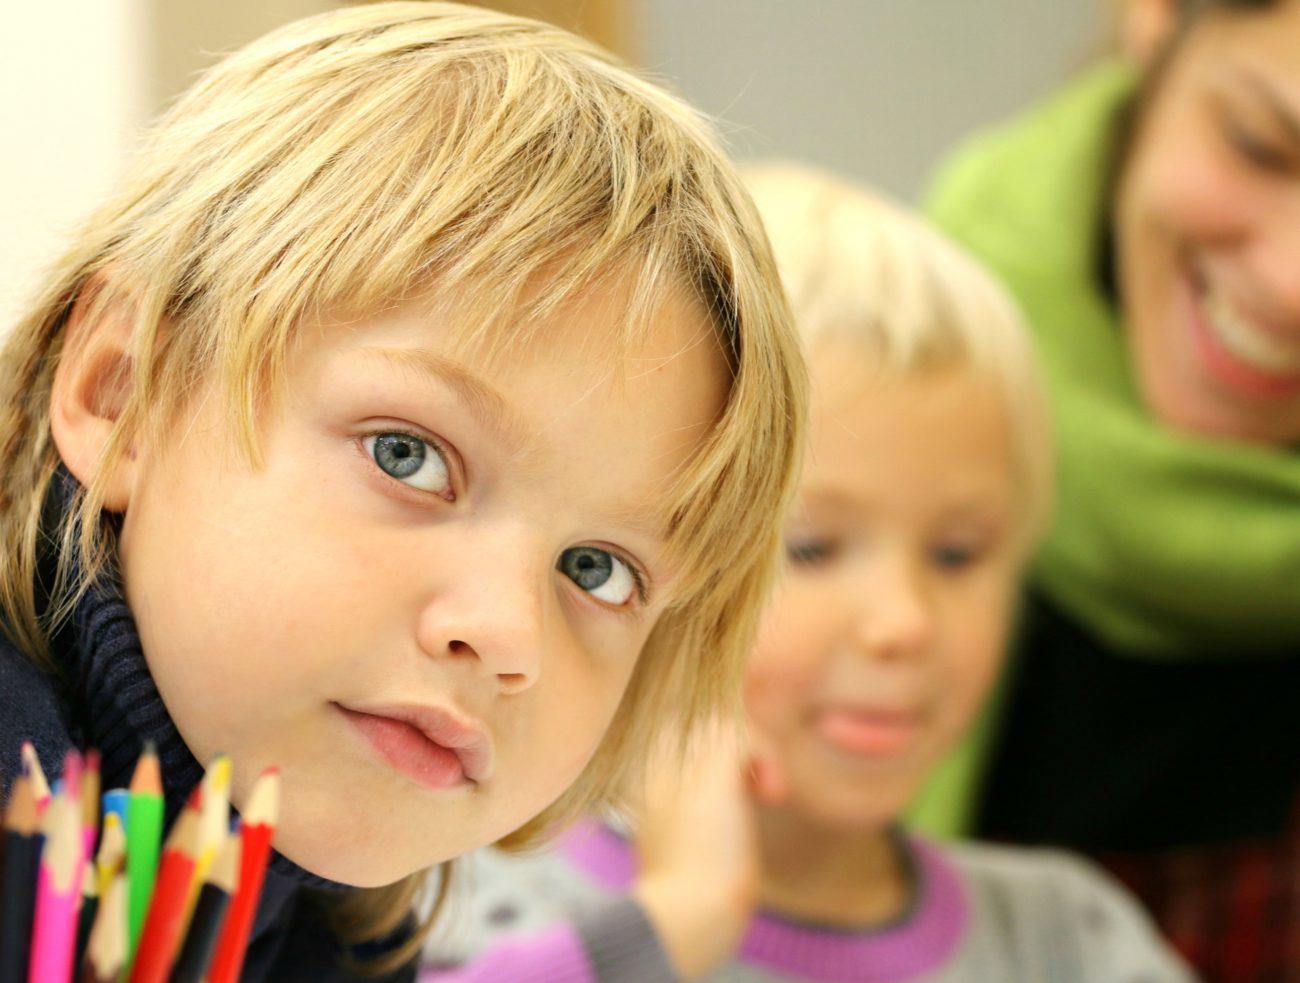 дети детская психология первый класс Светлана Нимак советы родителям учеба школа, Первый класс: учеба с Интересом, Детская психология Новости Статьи, psychologies.today